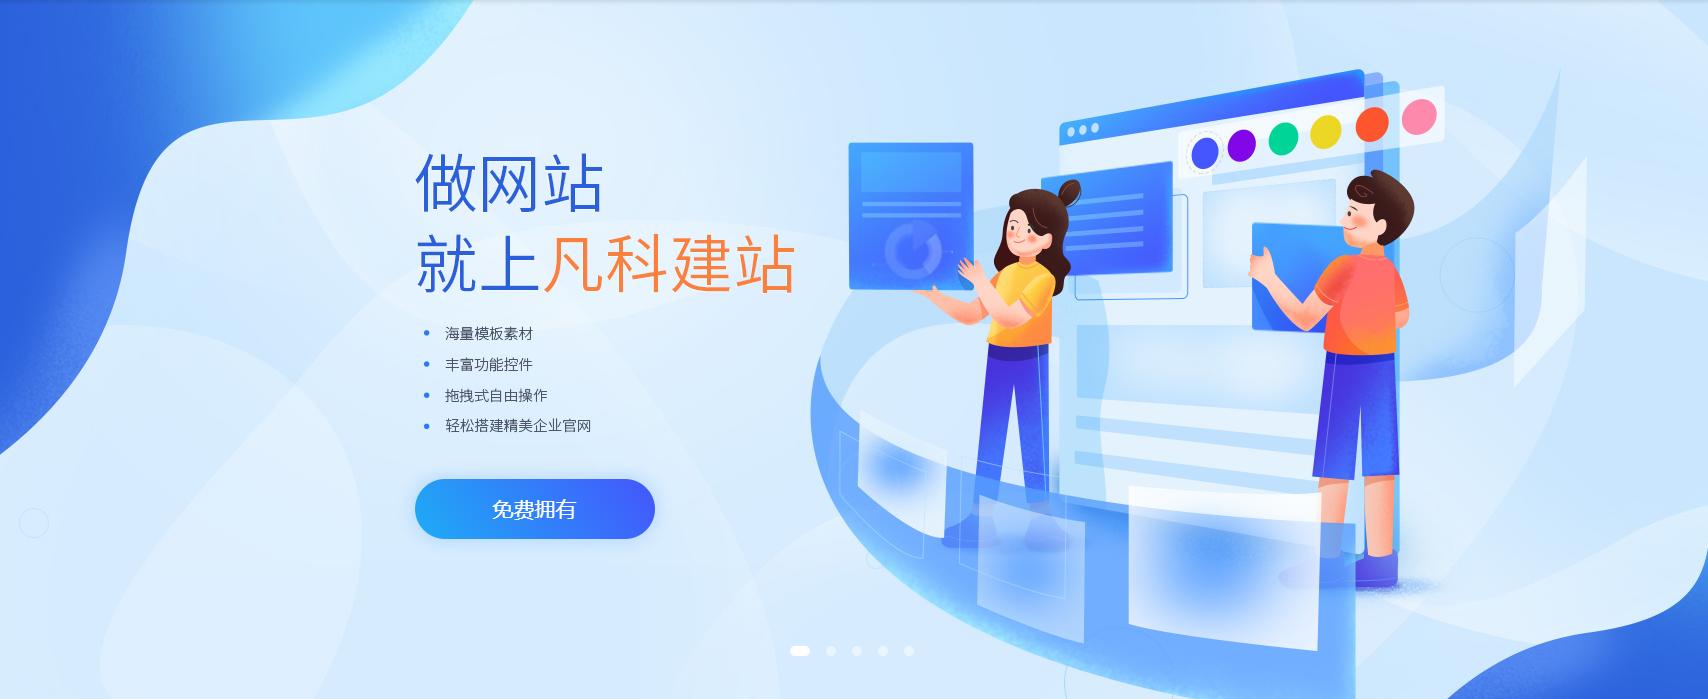 企业网站形象示例网站模板